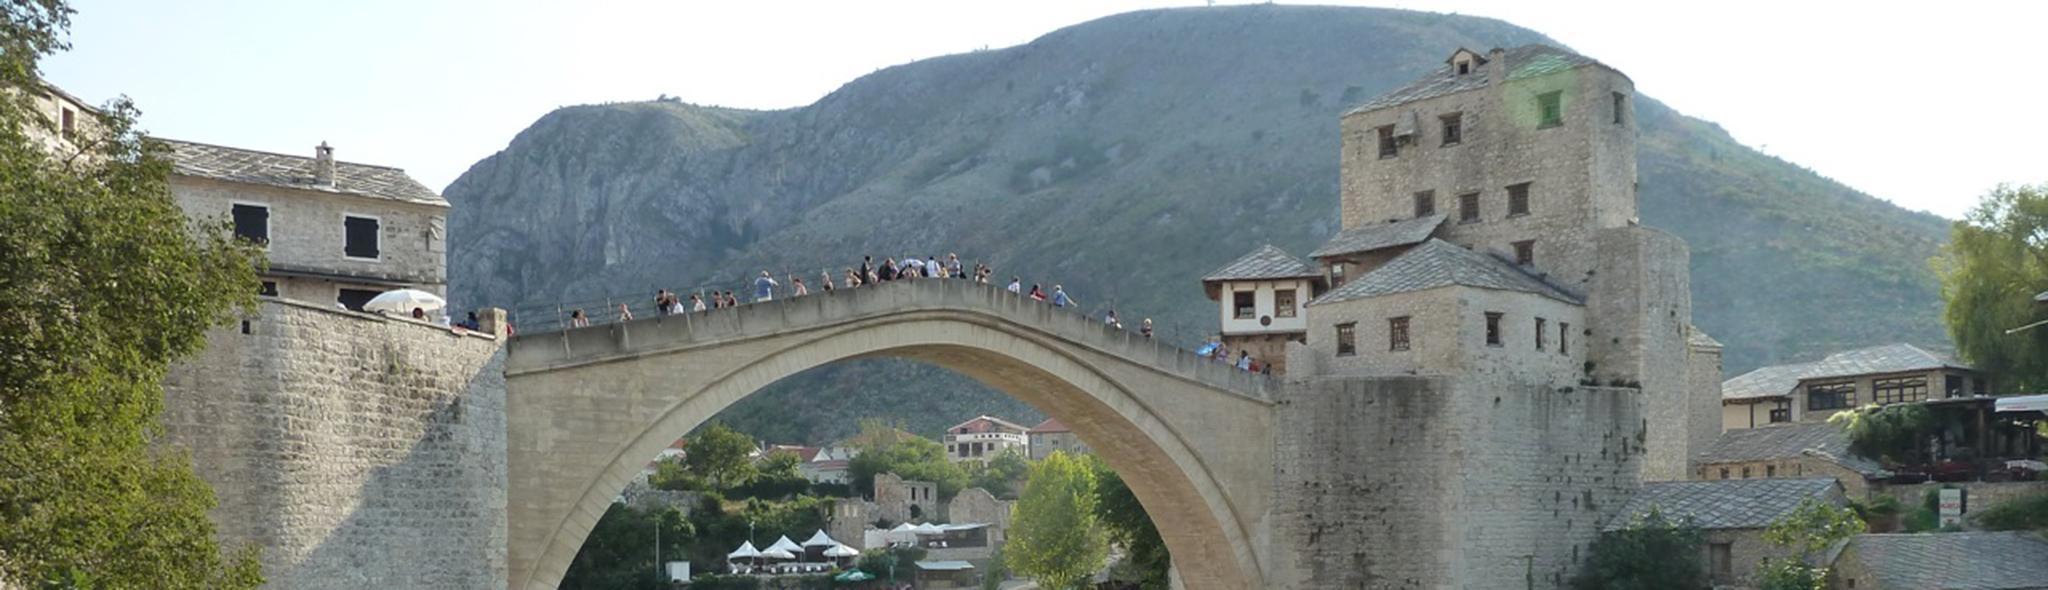 Mostar Bridge BANNER